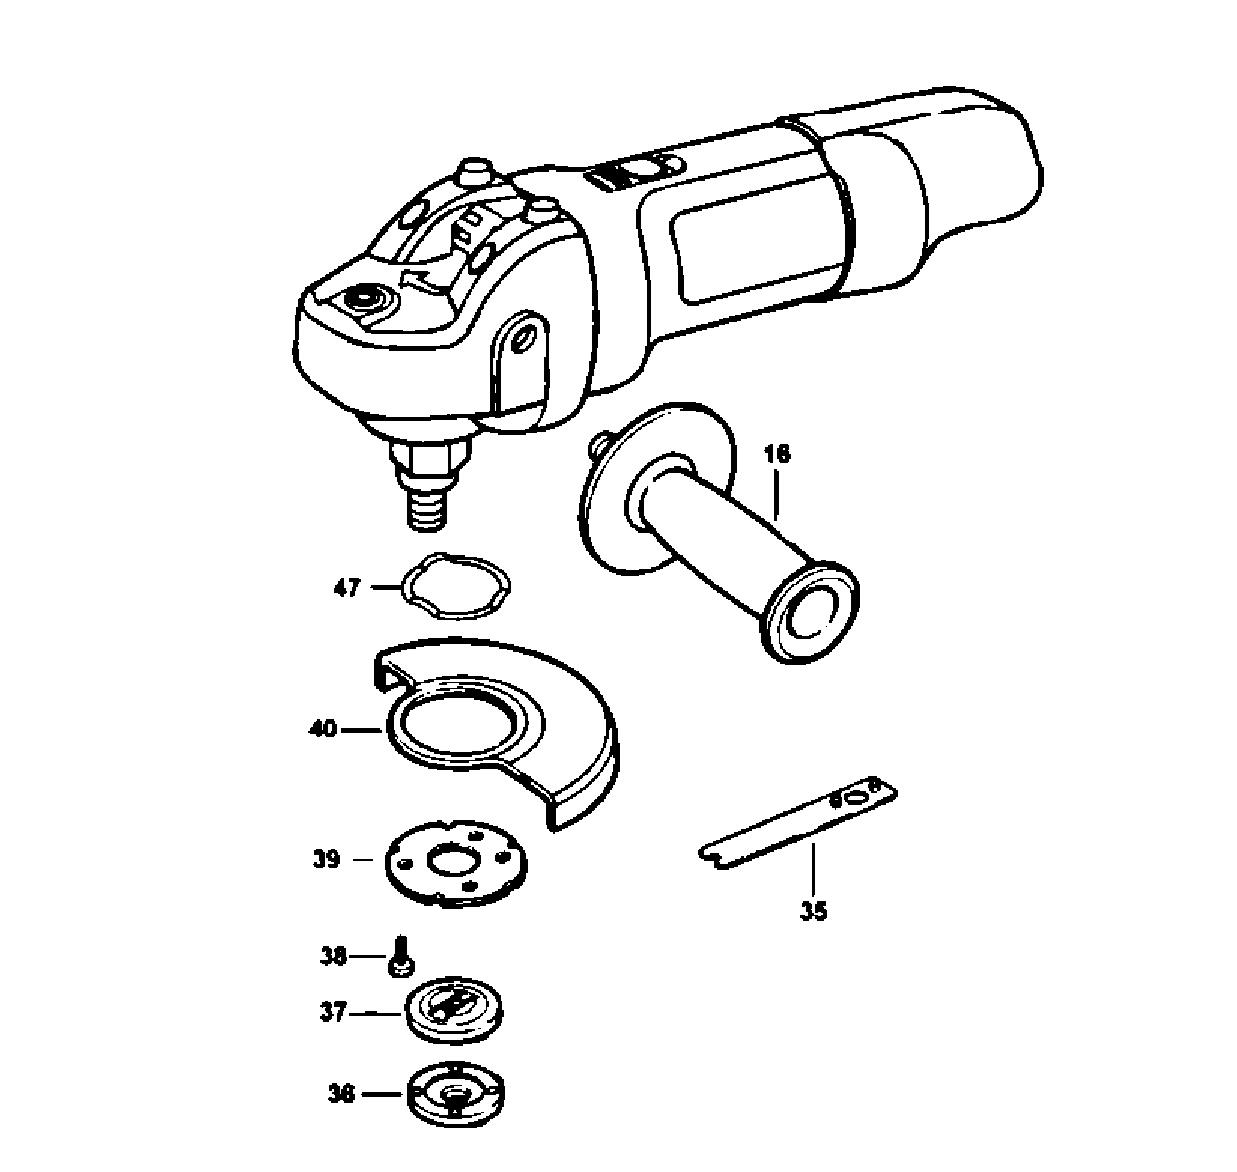 Craftsman model 900245430 grinder angle genuine parts